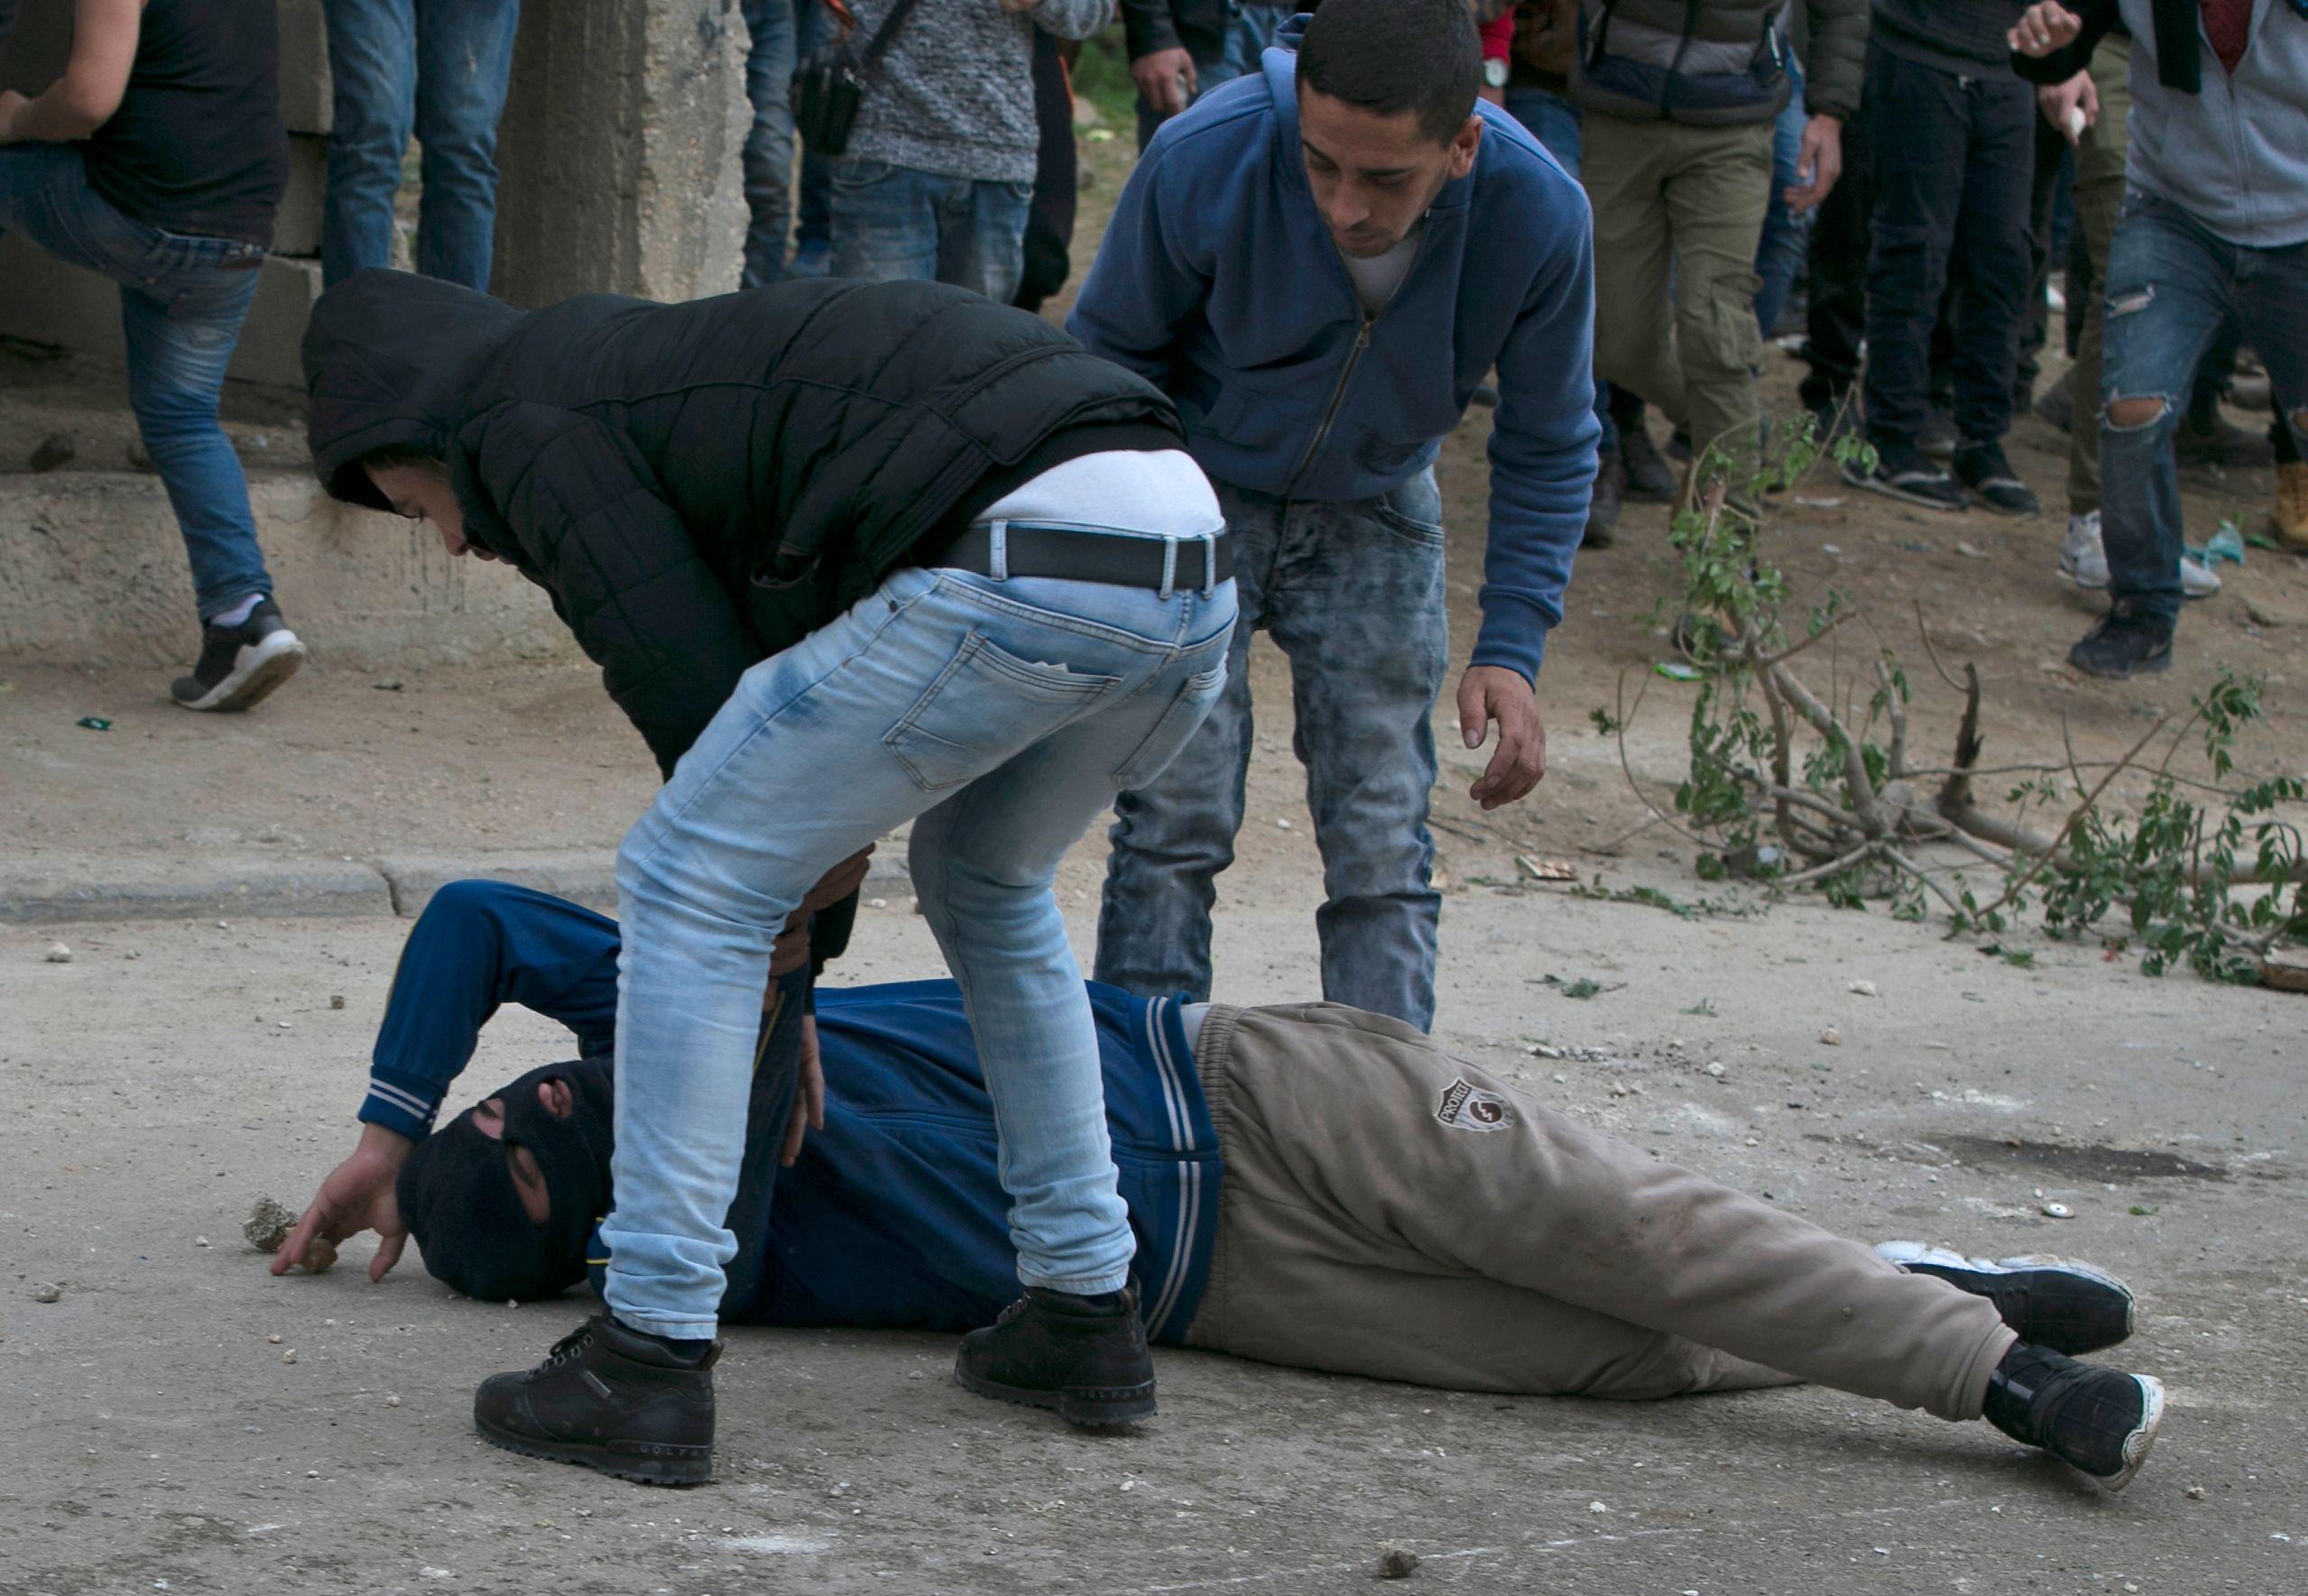 اصابة فلسطينى خلال اشتباكات مع قوات الاحتلال